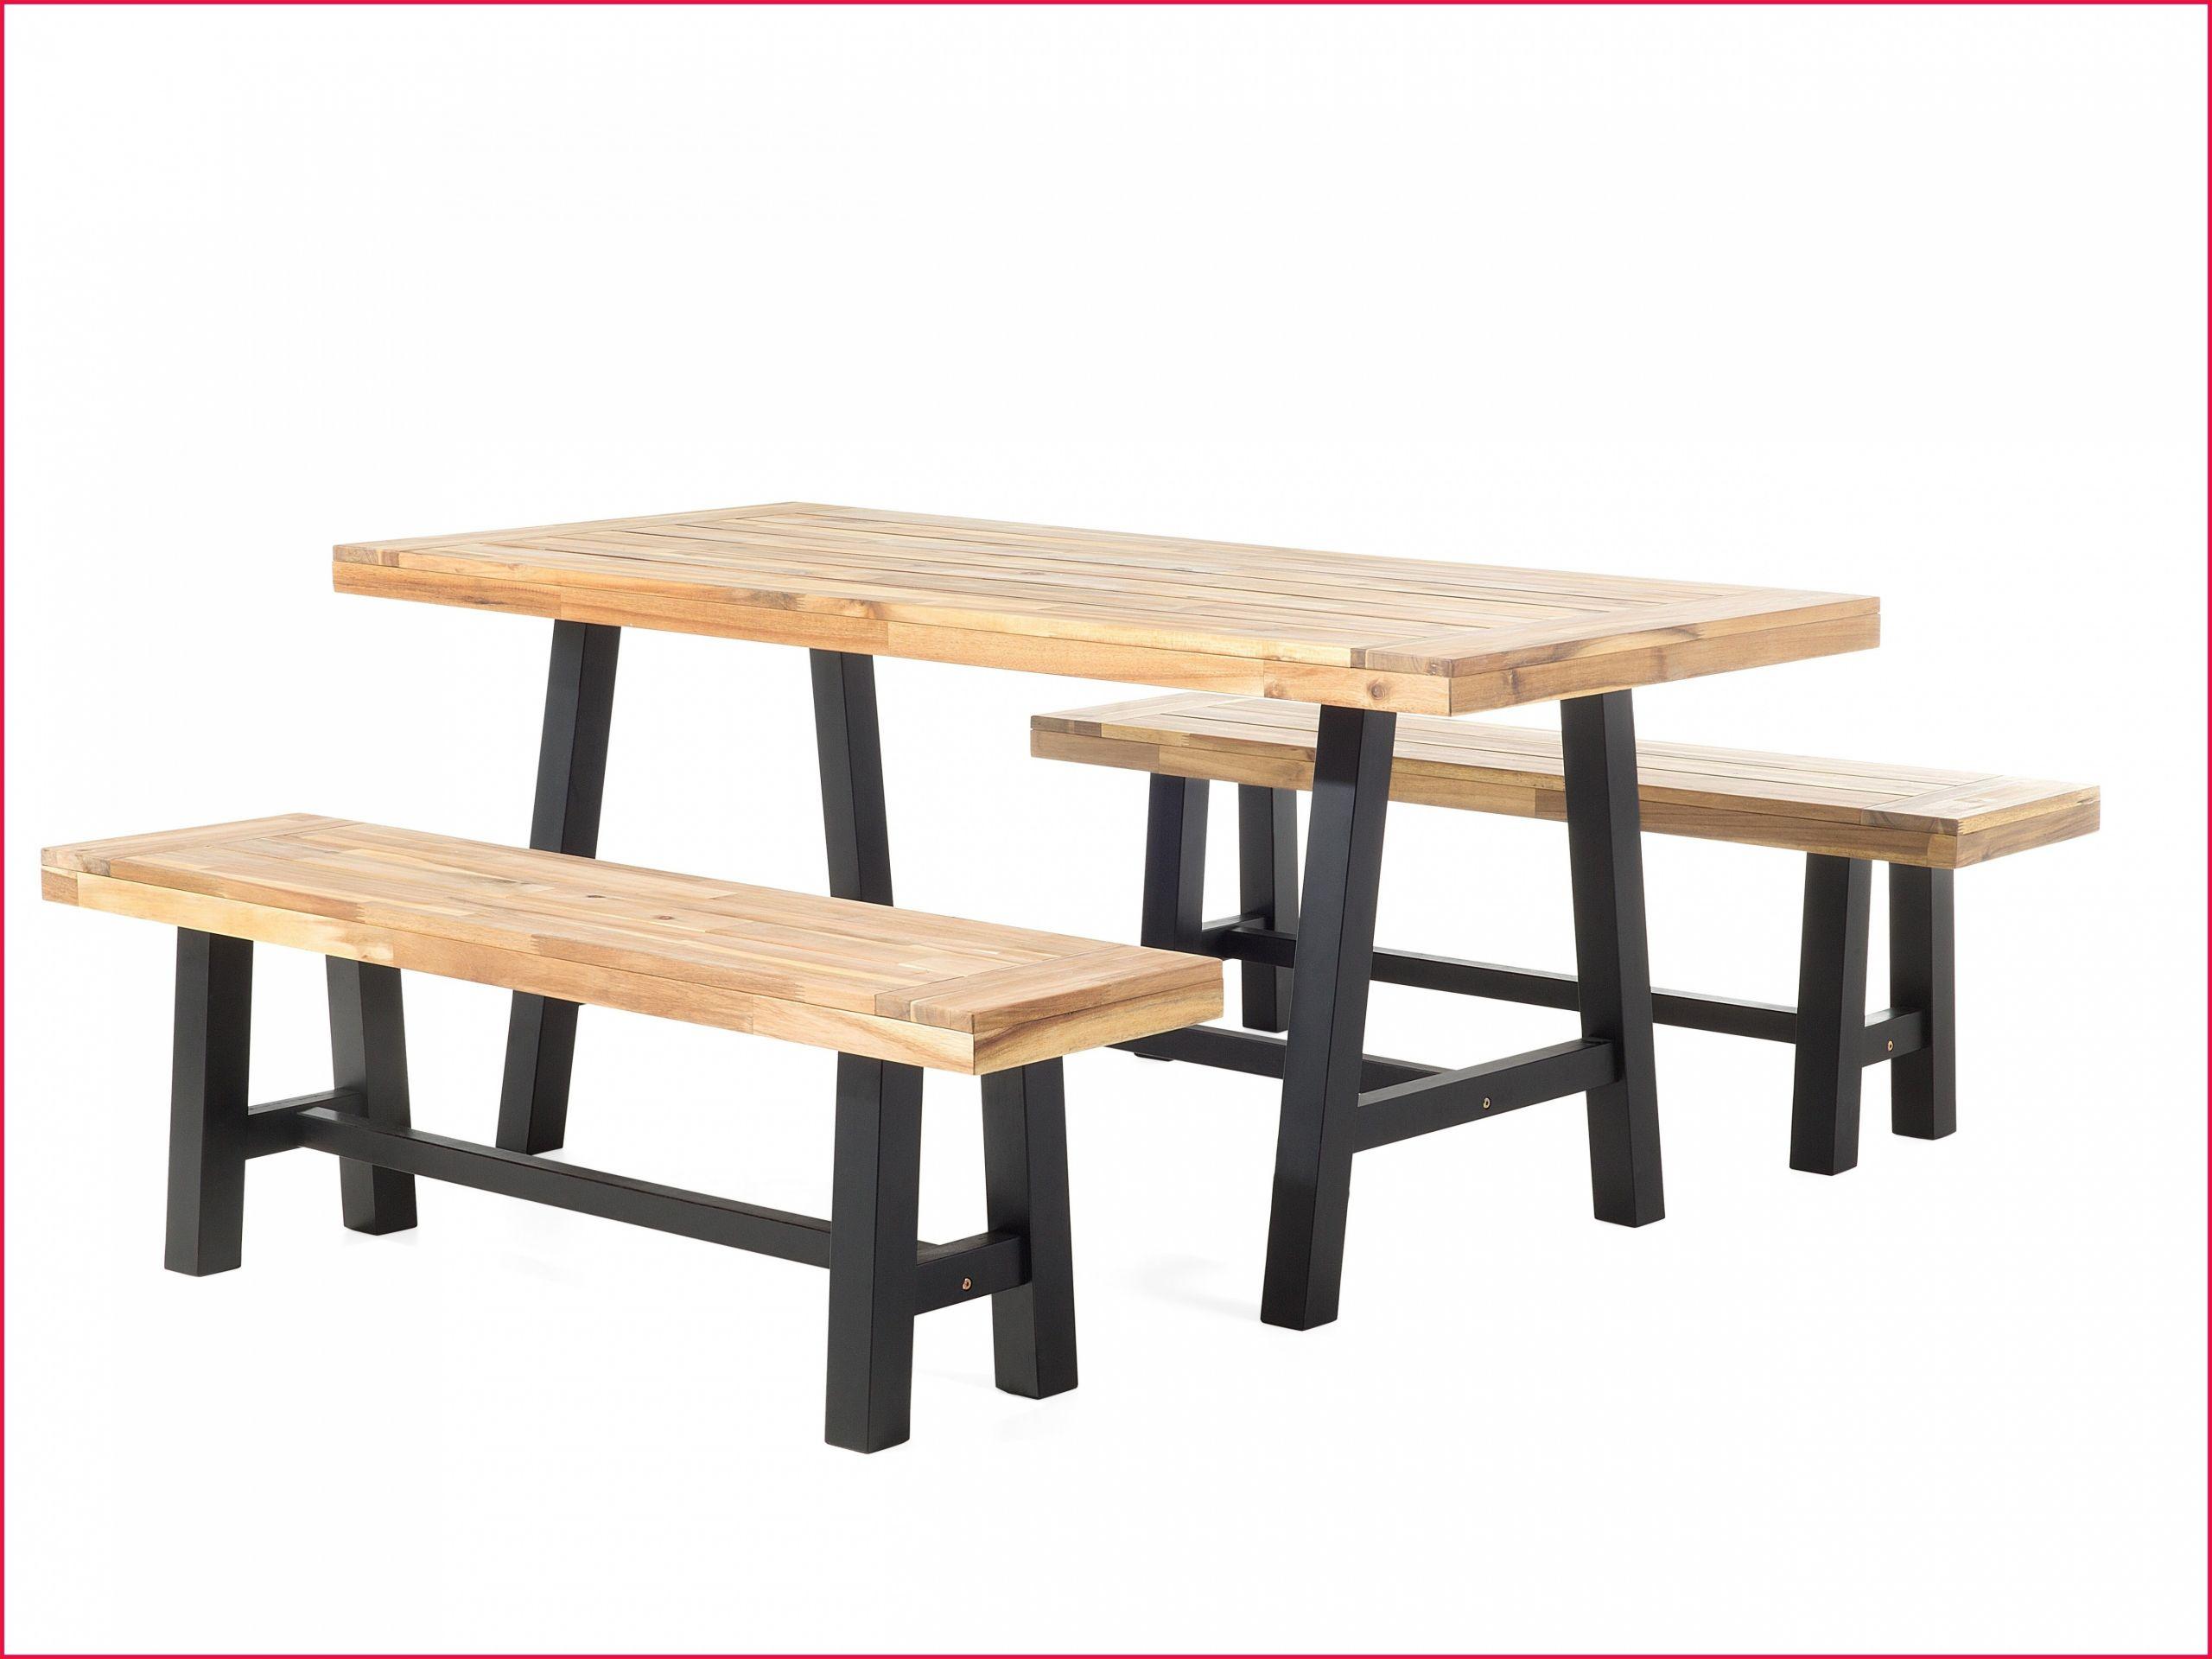 Table Carree Exterieur Best Of Innovante Banc Pour Jardin ... intérieur Banc De Jardin Leroy Merlin